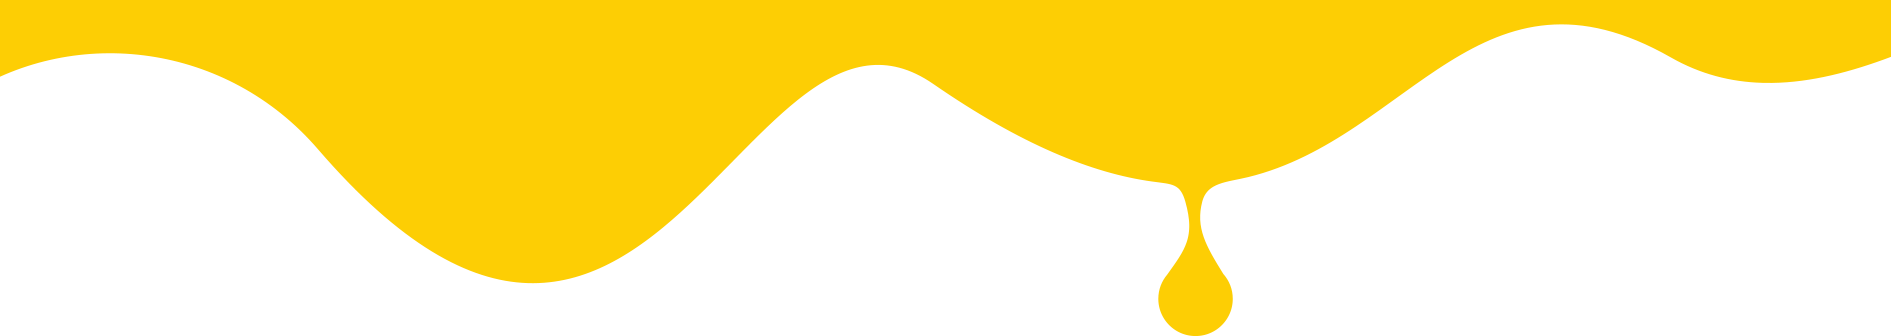 yellow bg